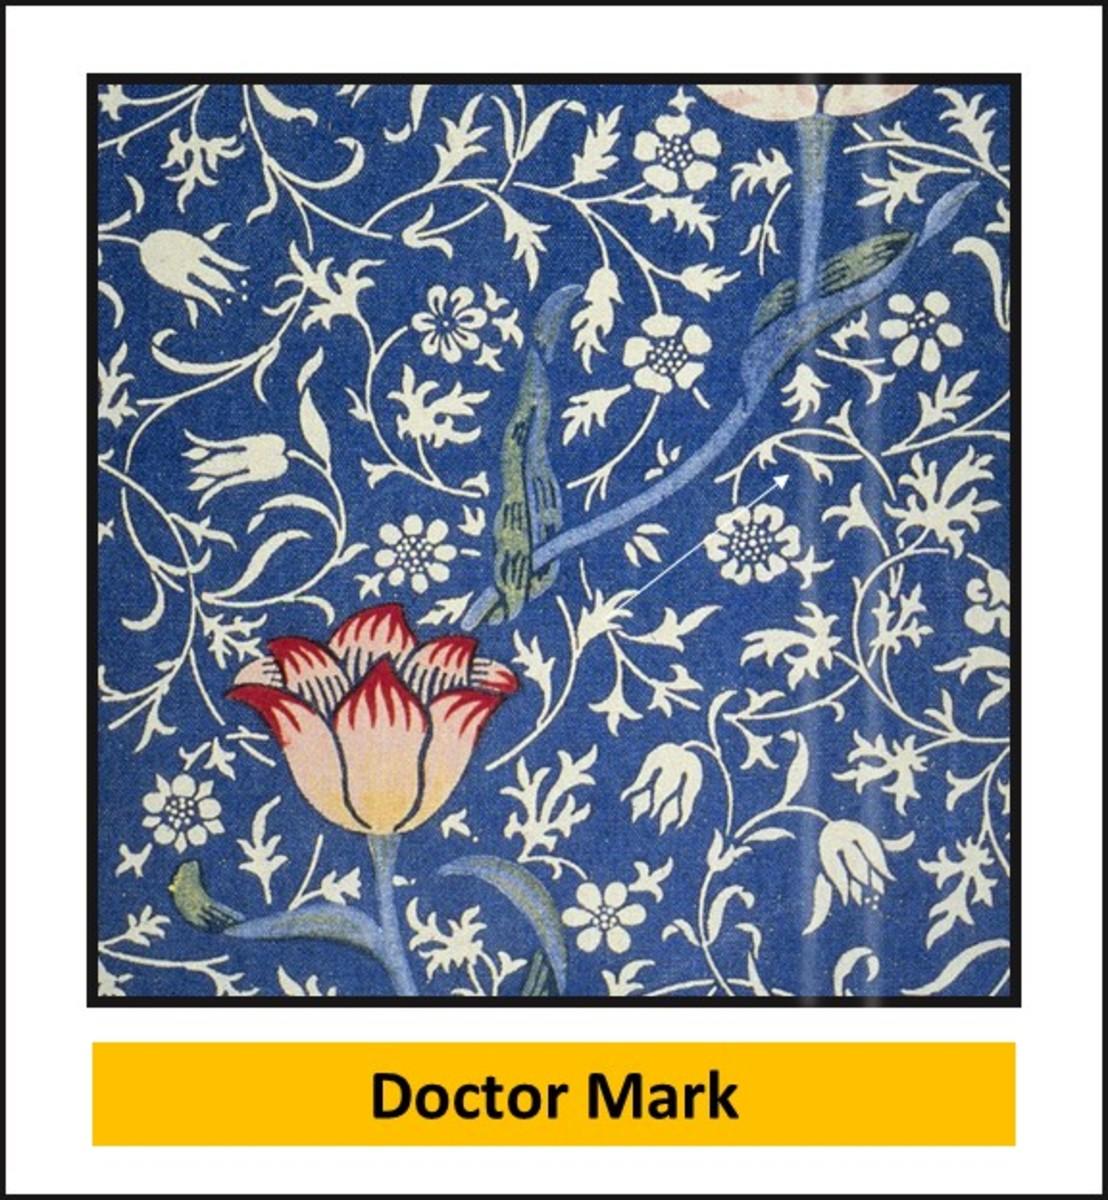 Doctor Mark